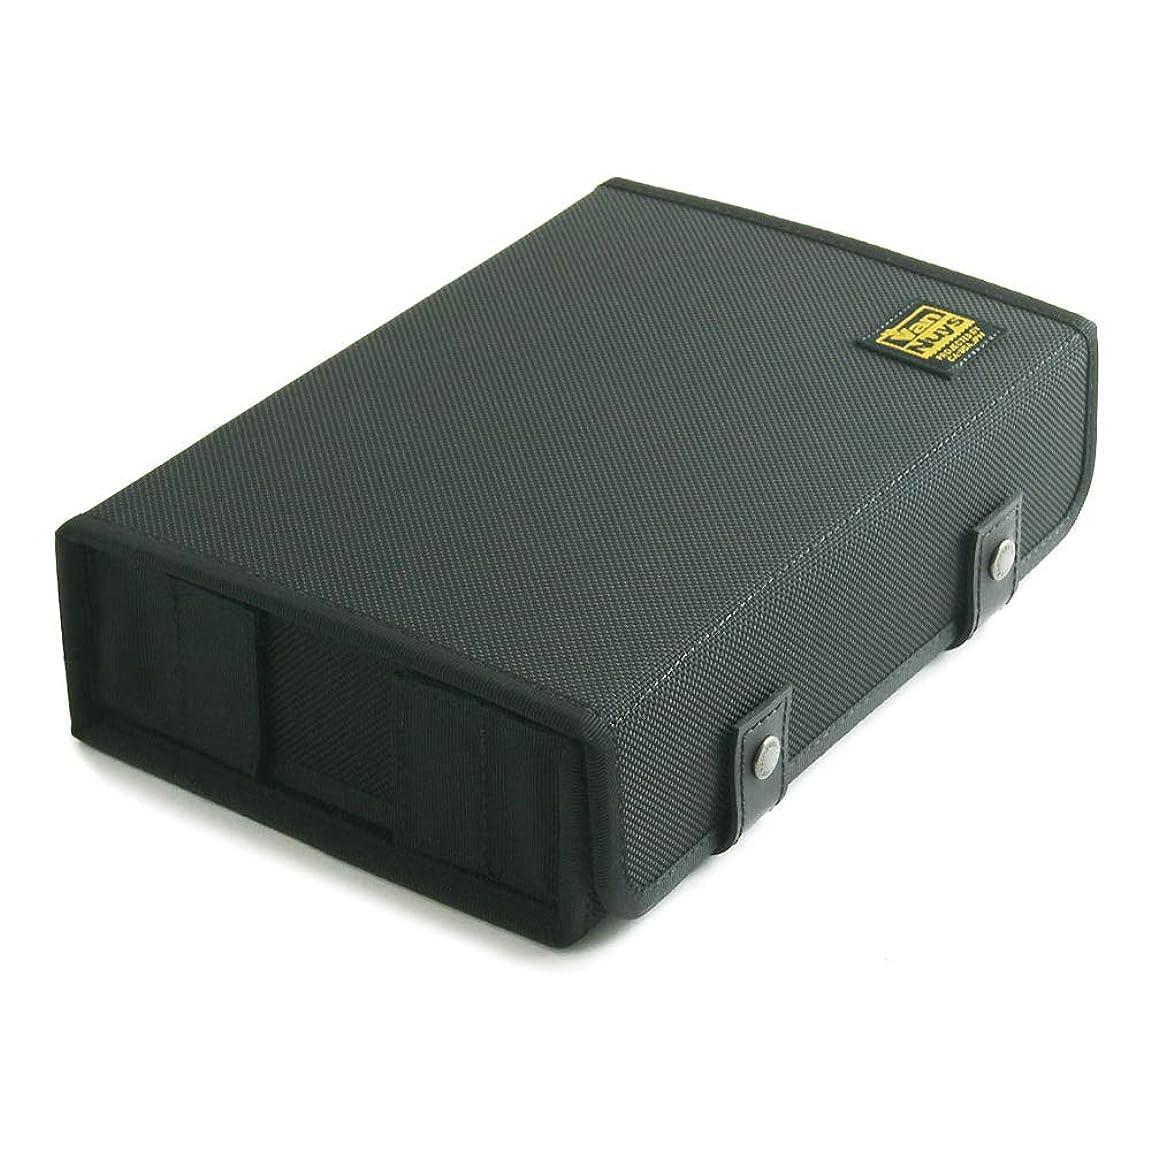 不可能なしなやかな政令バンナイズ (VanNuys) ULTRASONE Edition M 用キャリングケース ハードタイプ ( バリスティックナイロン製 ) ブラック